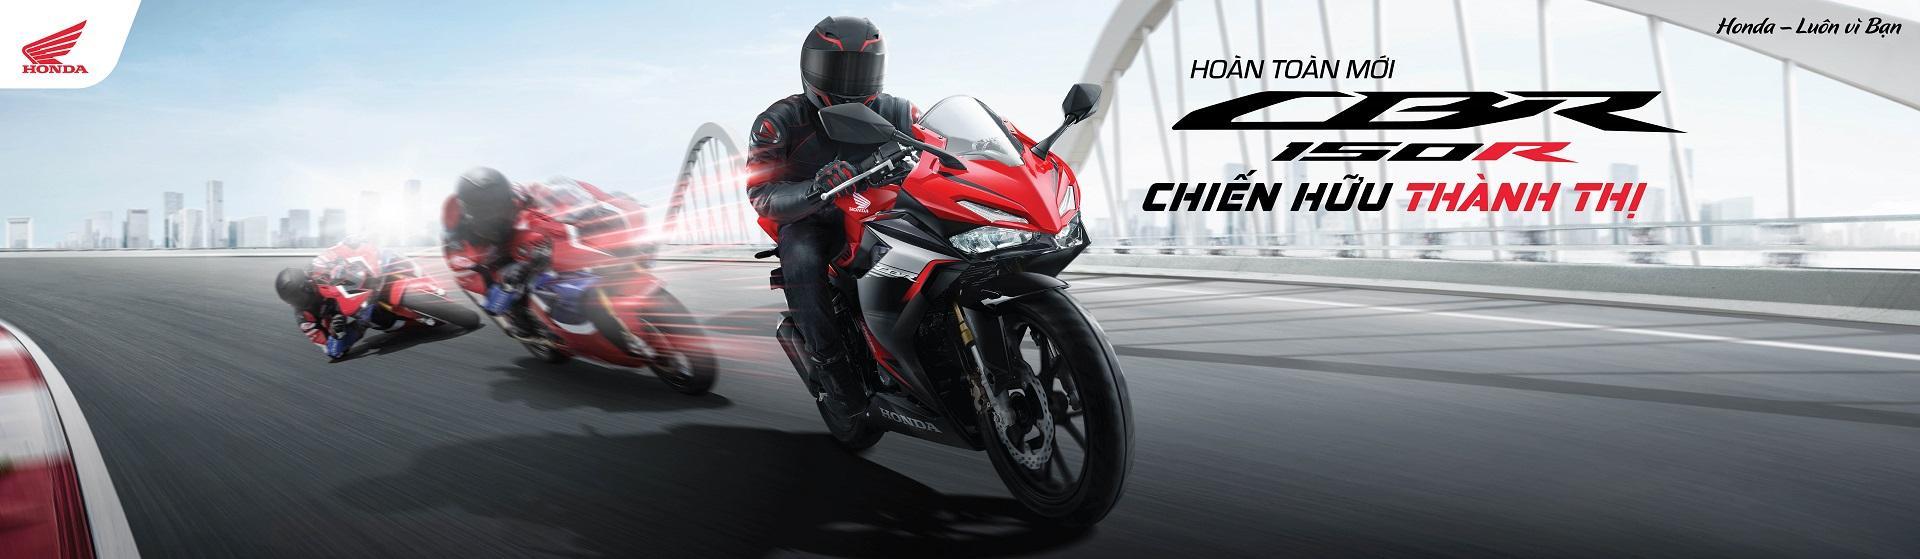 Honda CBR150R xứng danh chiến hữu đích thực